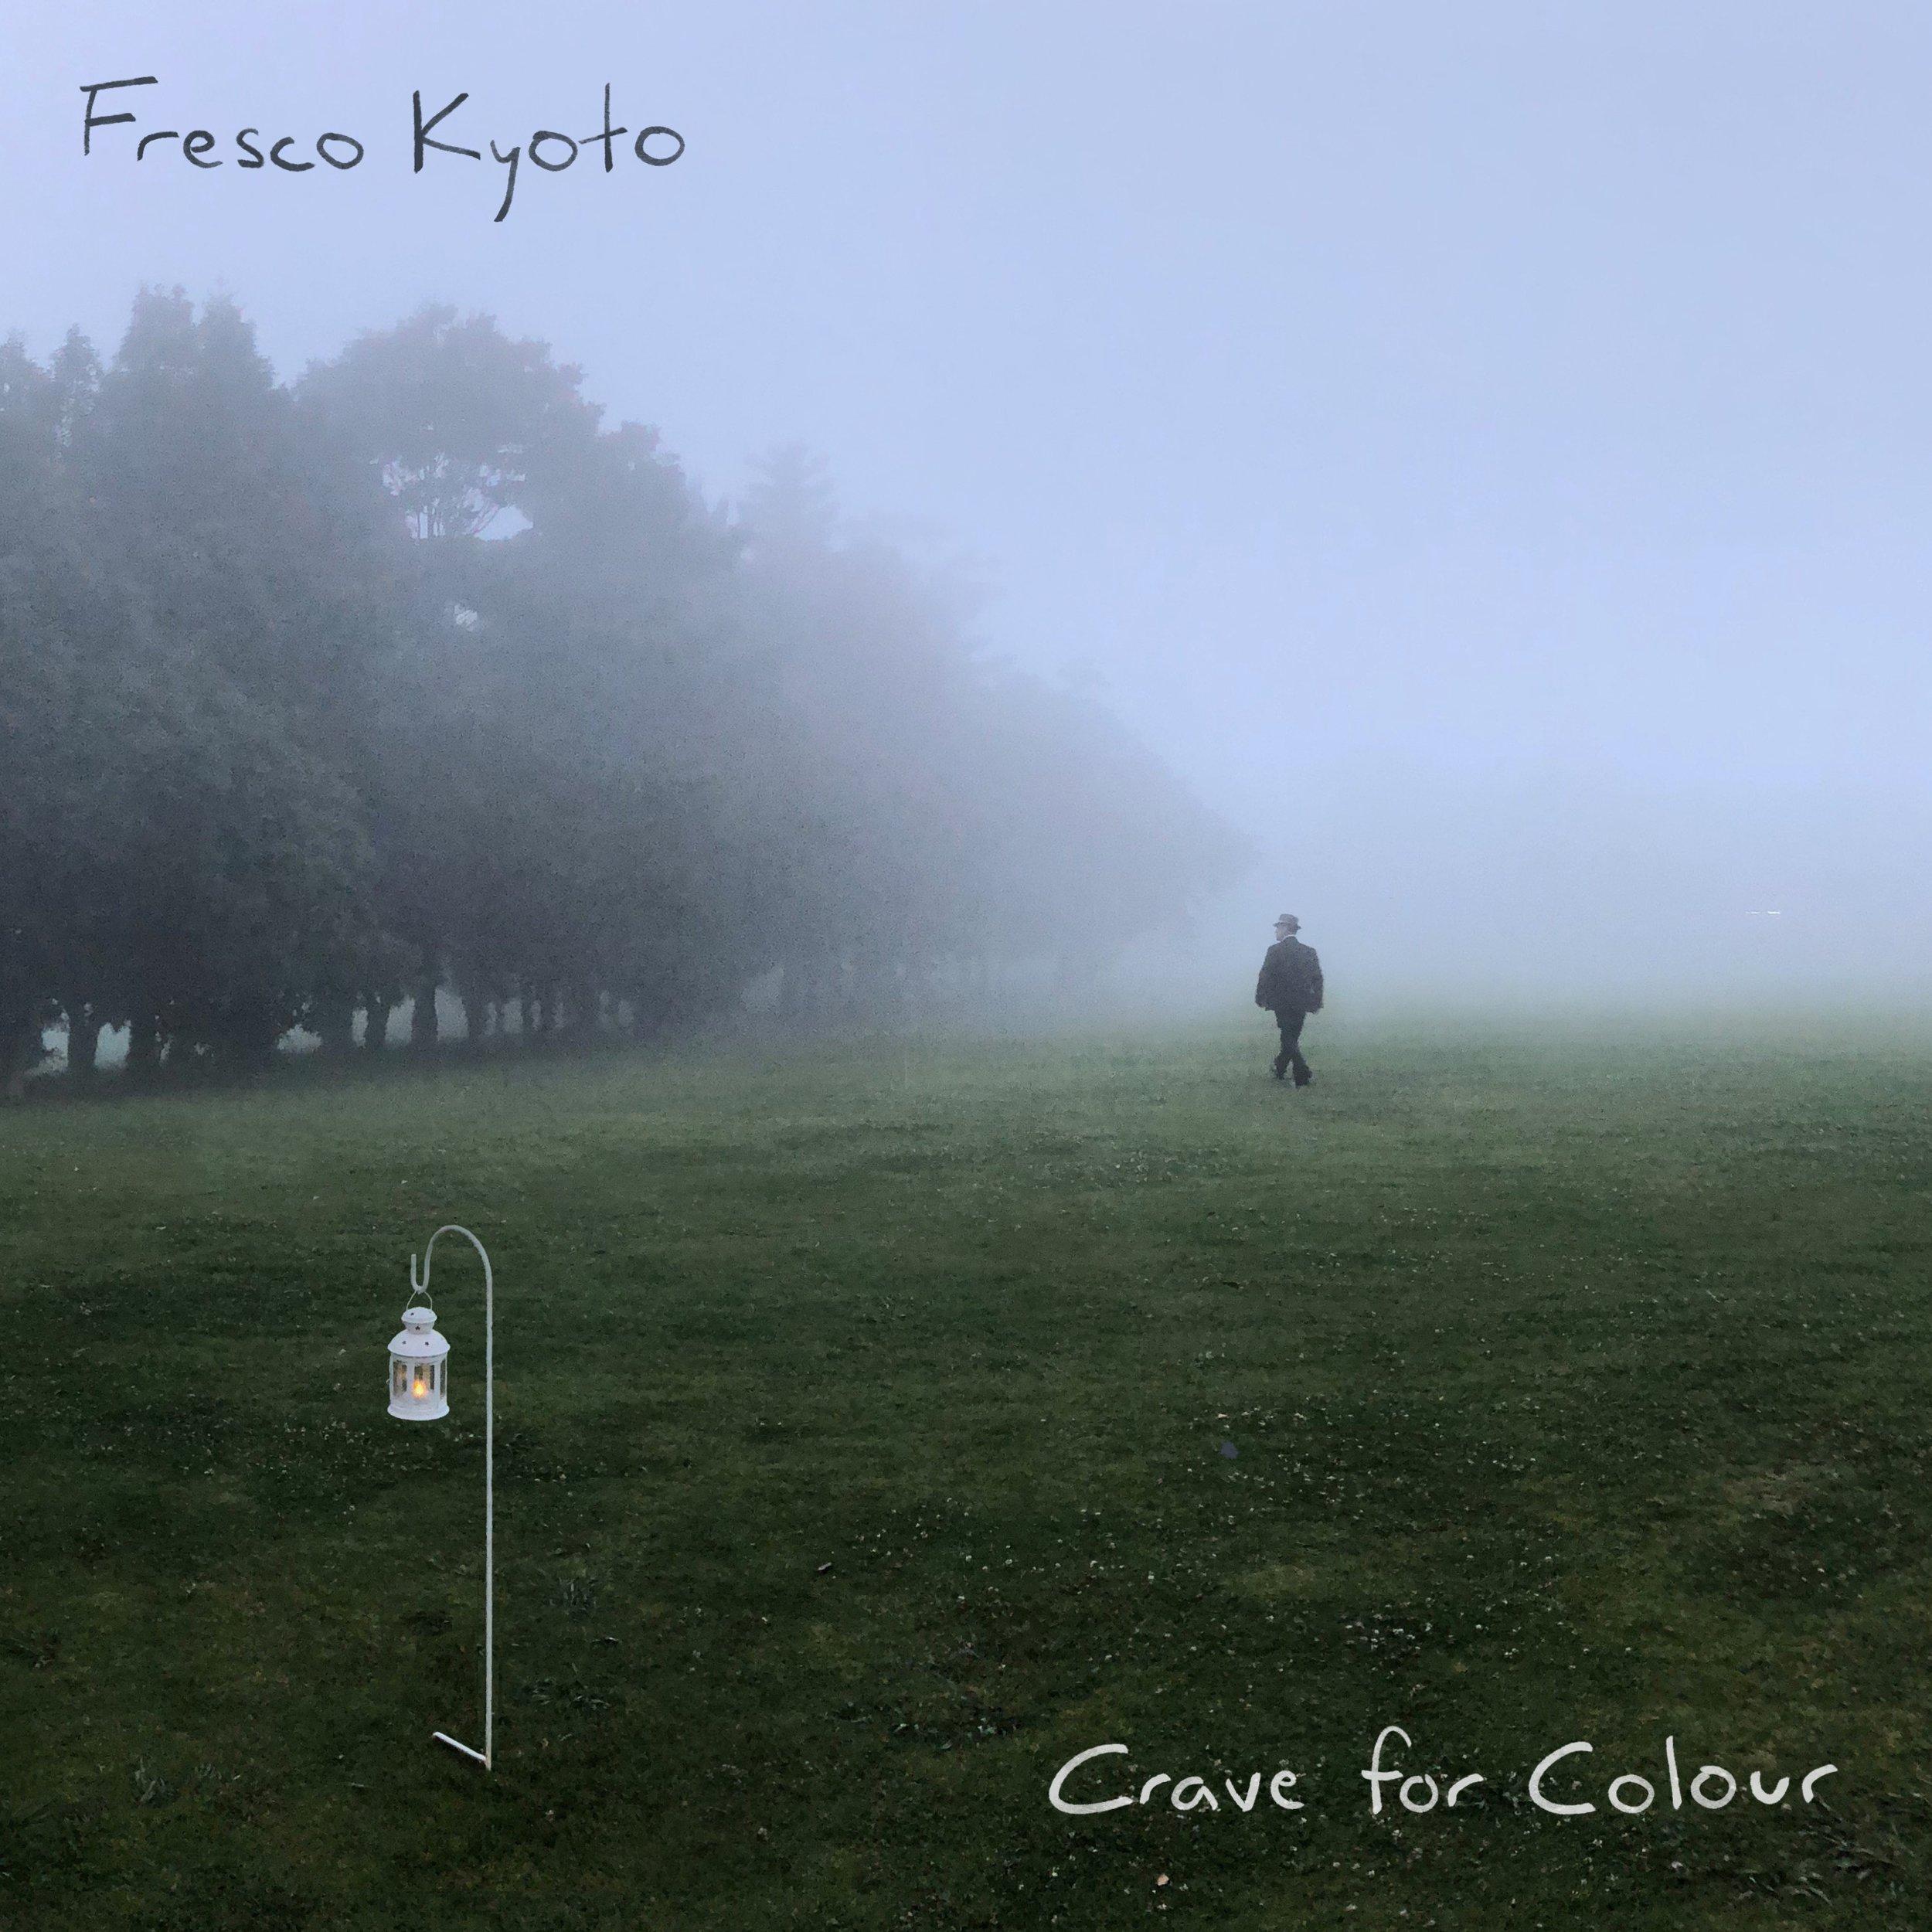 Crave for Colour Art (1).jpeg